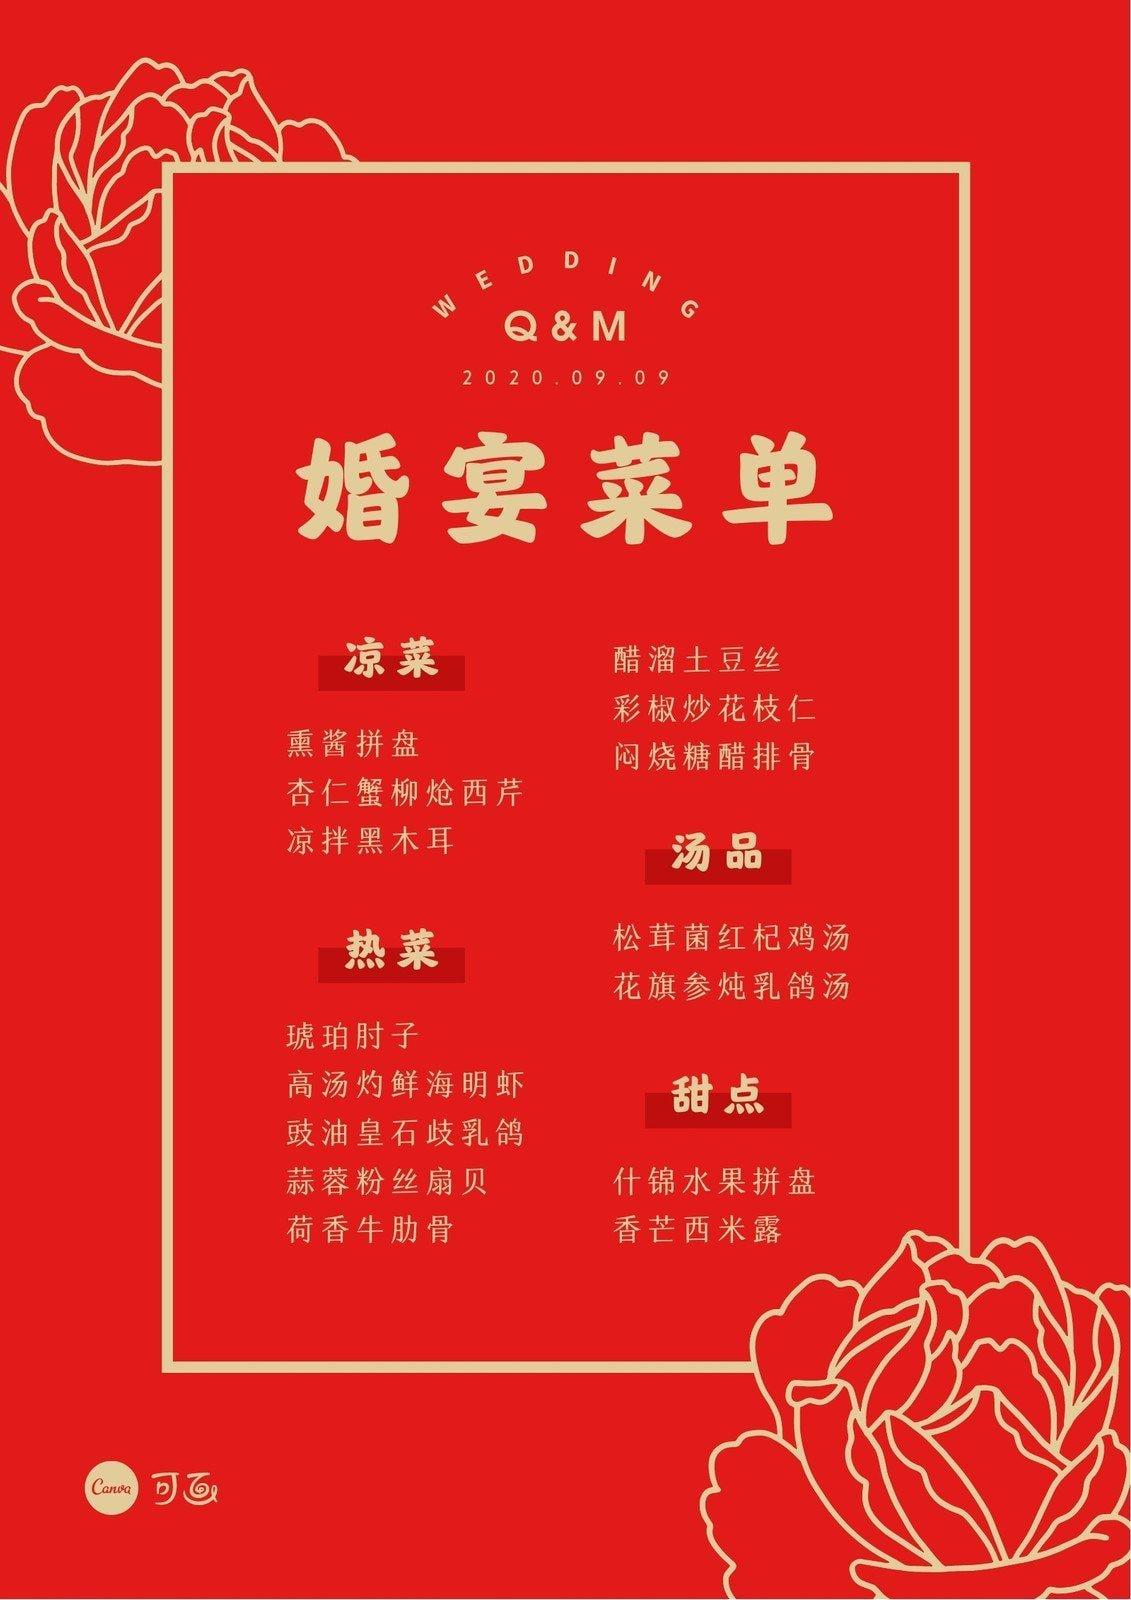 红金色中国风复古吉祥喜庆婚礼中式婚礼分享中文菜单